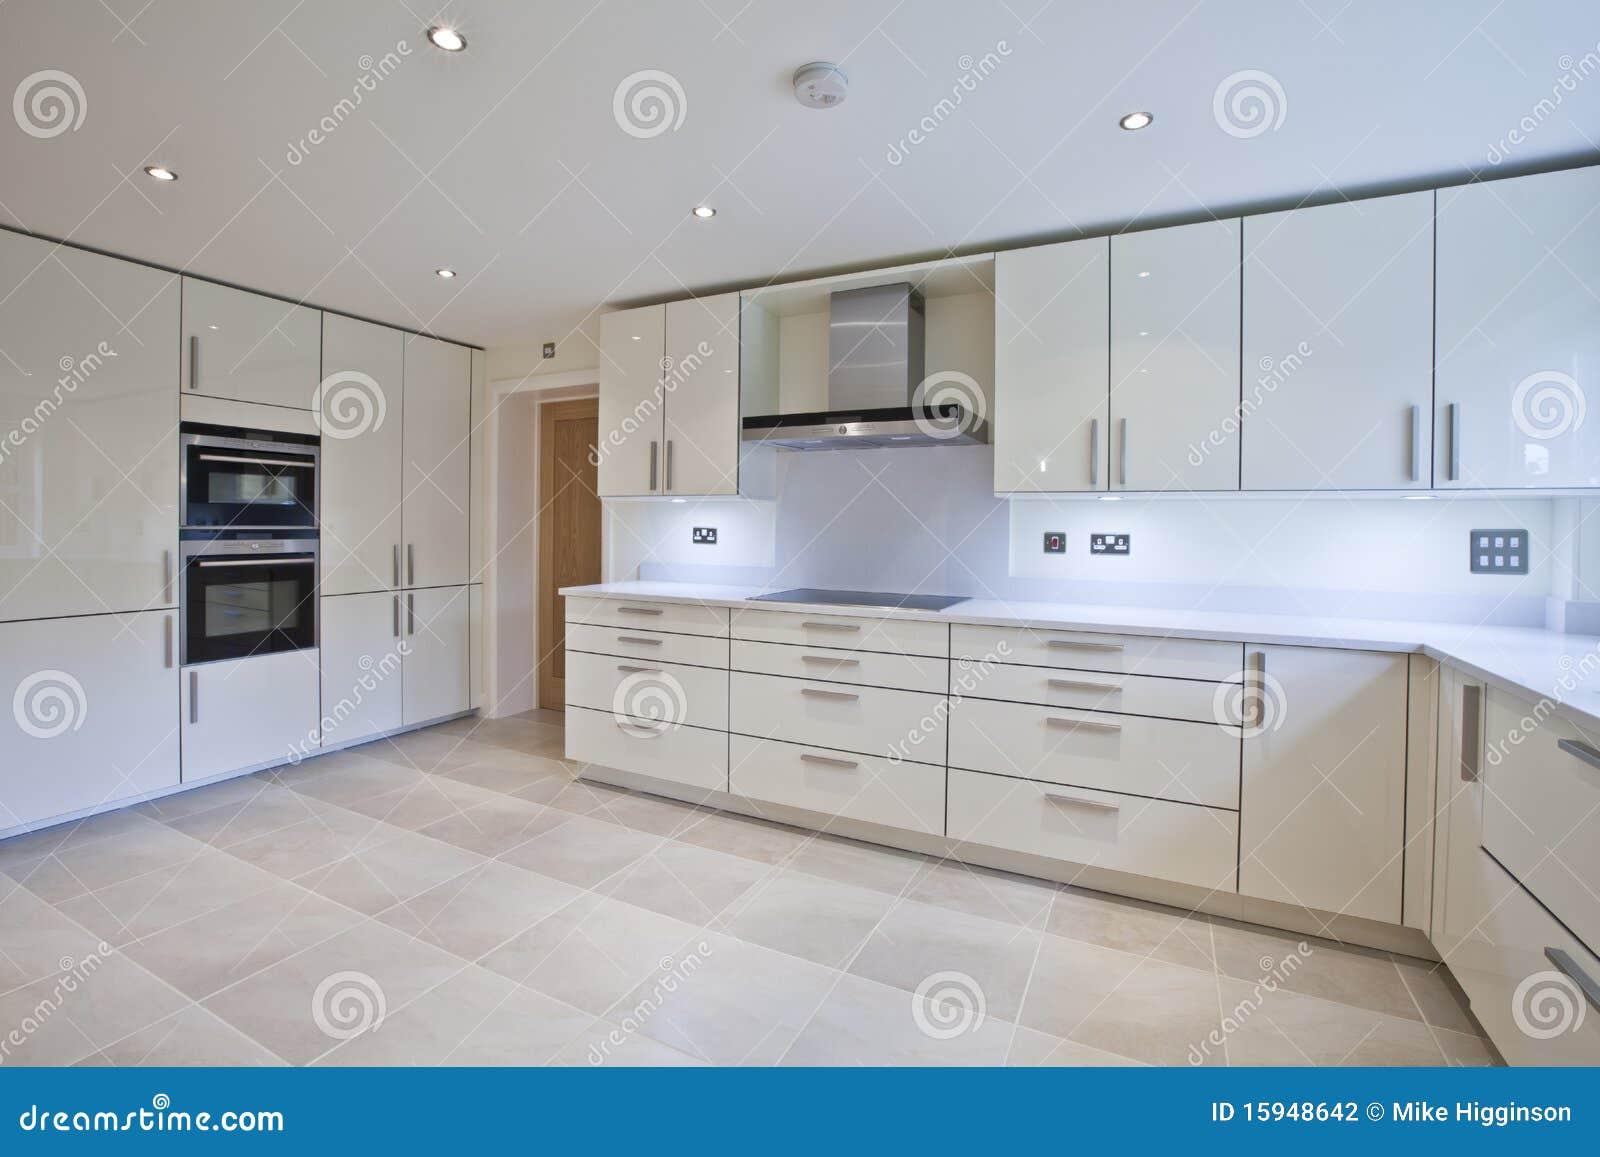 Cozinha Moderna Luxuosa Foto De Stock Imagem De Cozinha 15948642